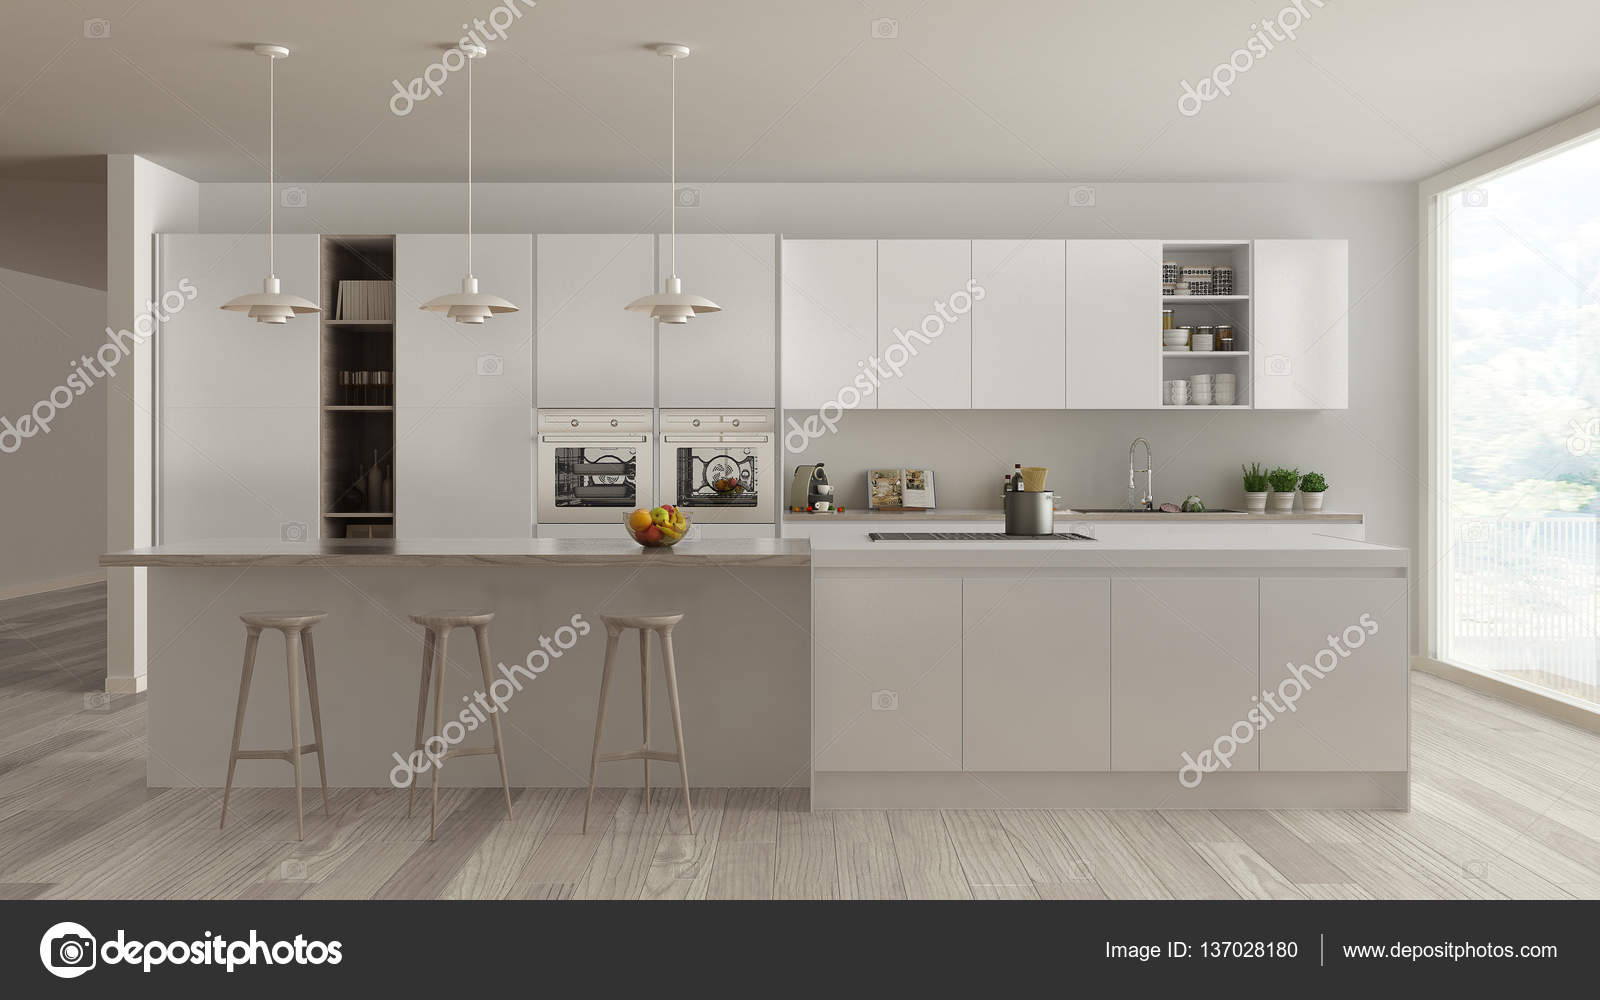 Skandinavische weiße Küche mit Holz- und weißen Details ...